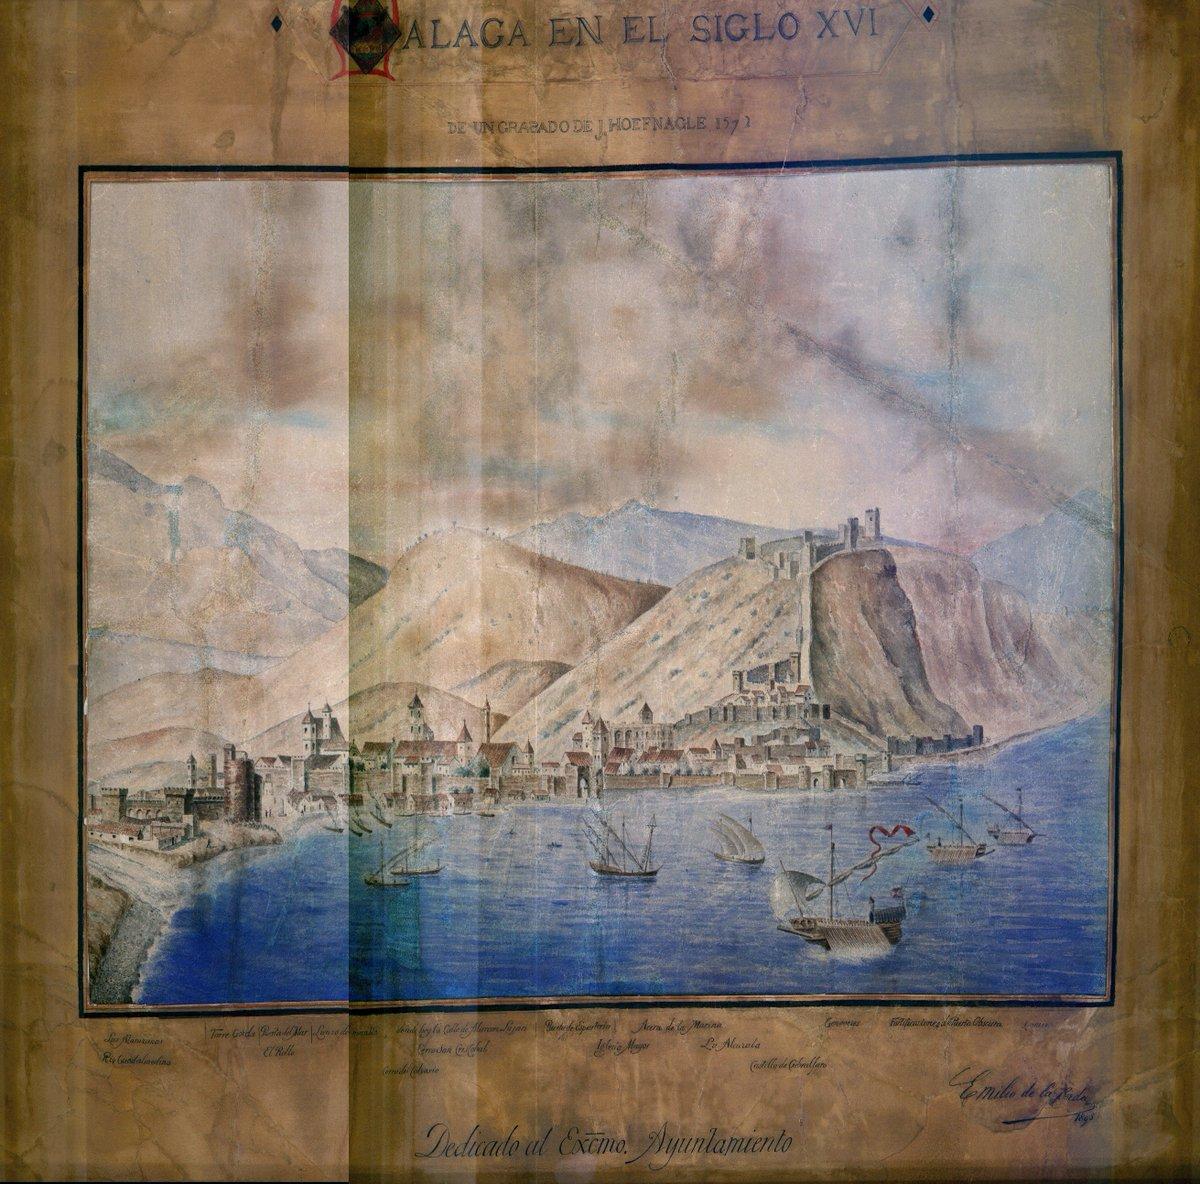 Comenzamos la semana con esta preciosa vista de Málaga en el siglo XVI. Fue realizada en el año 1895, por Emilio de la Cerda, a partir de un grabado de Hoefnagel del año 1572 #FelizLunes